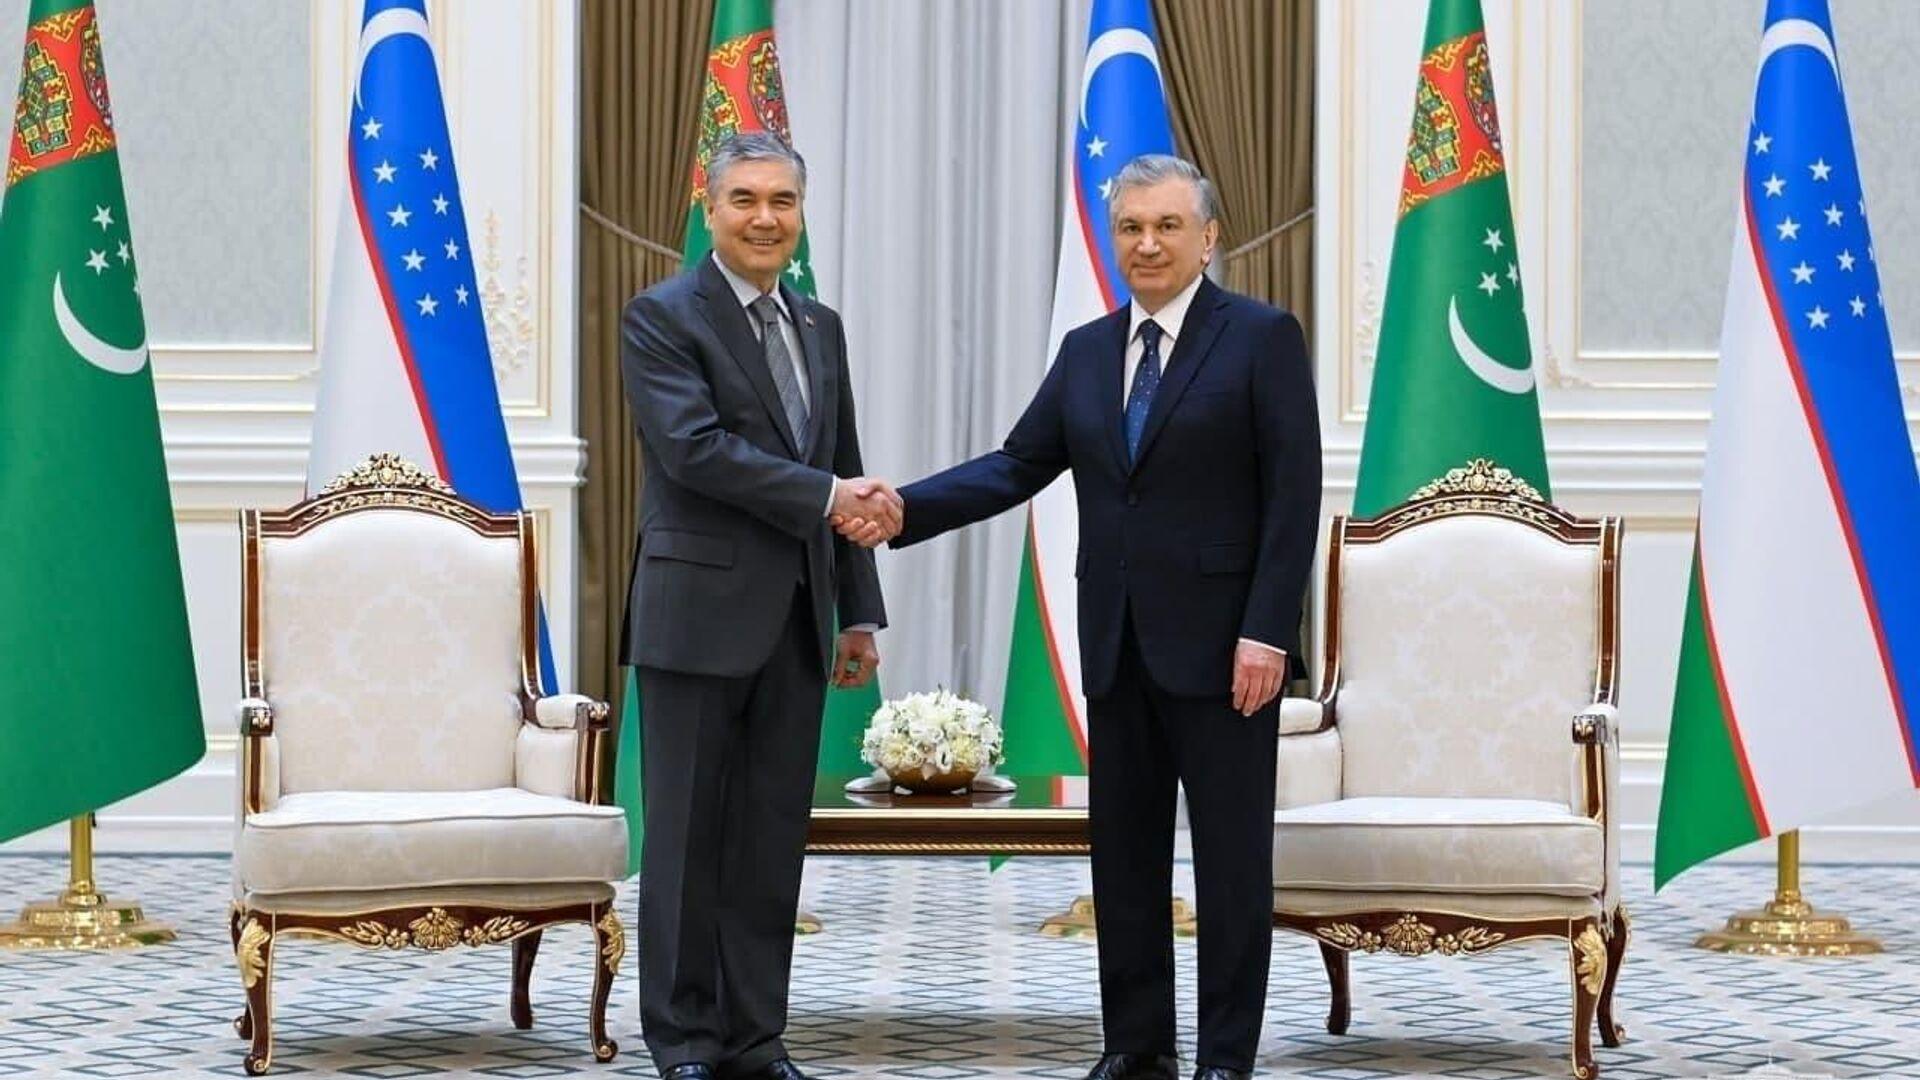 В резиденции Куксарой состоялась церемония официальной встречи Президента Туркменистана - Sputnik Ўзбекистон, 1920, 05.10.2021